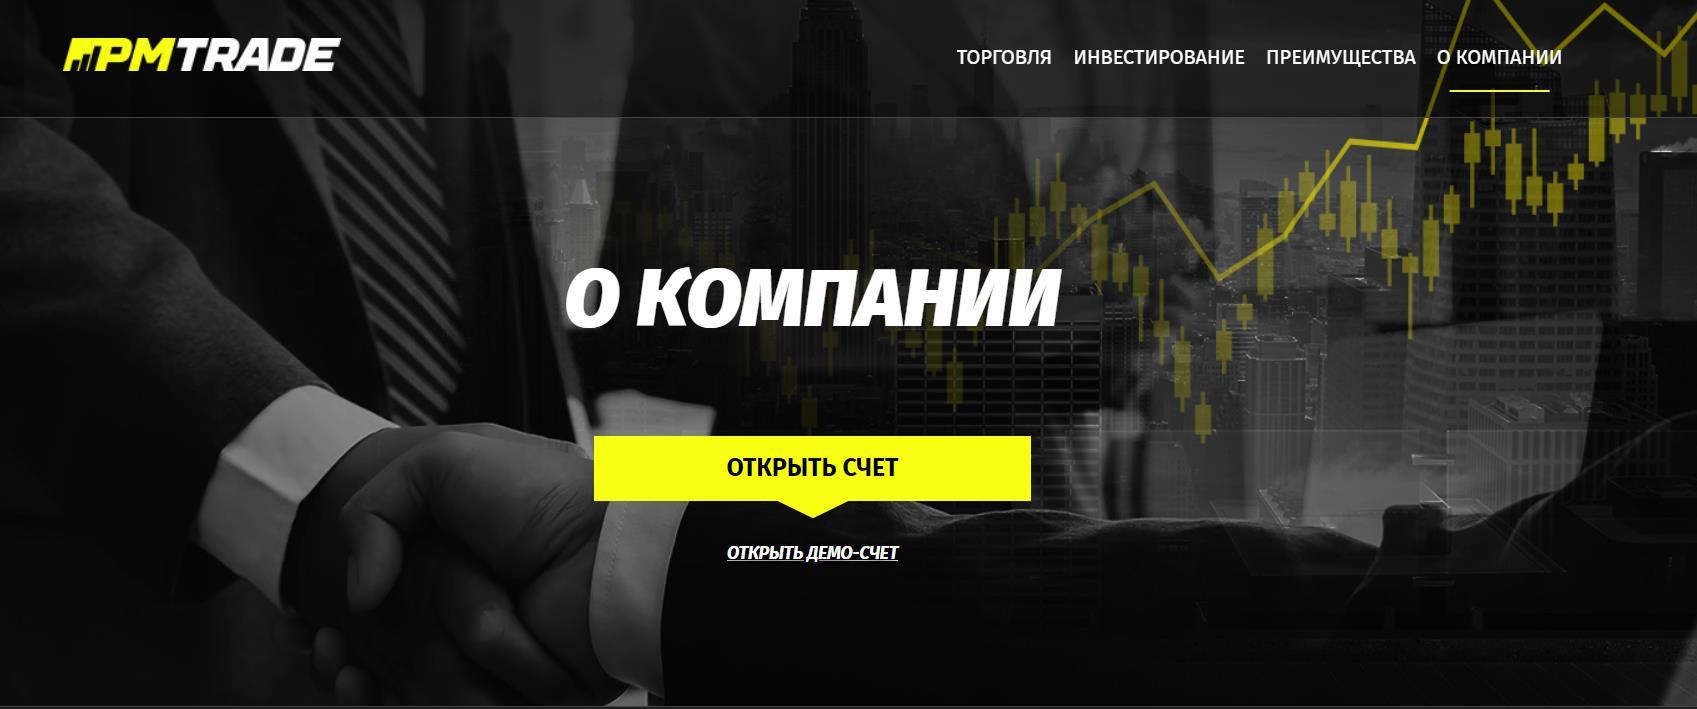 pmtrade информация о компании